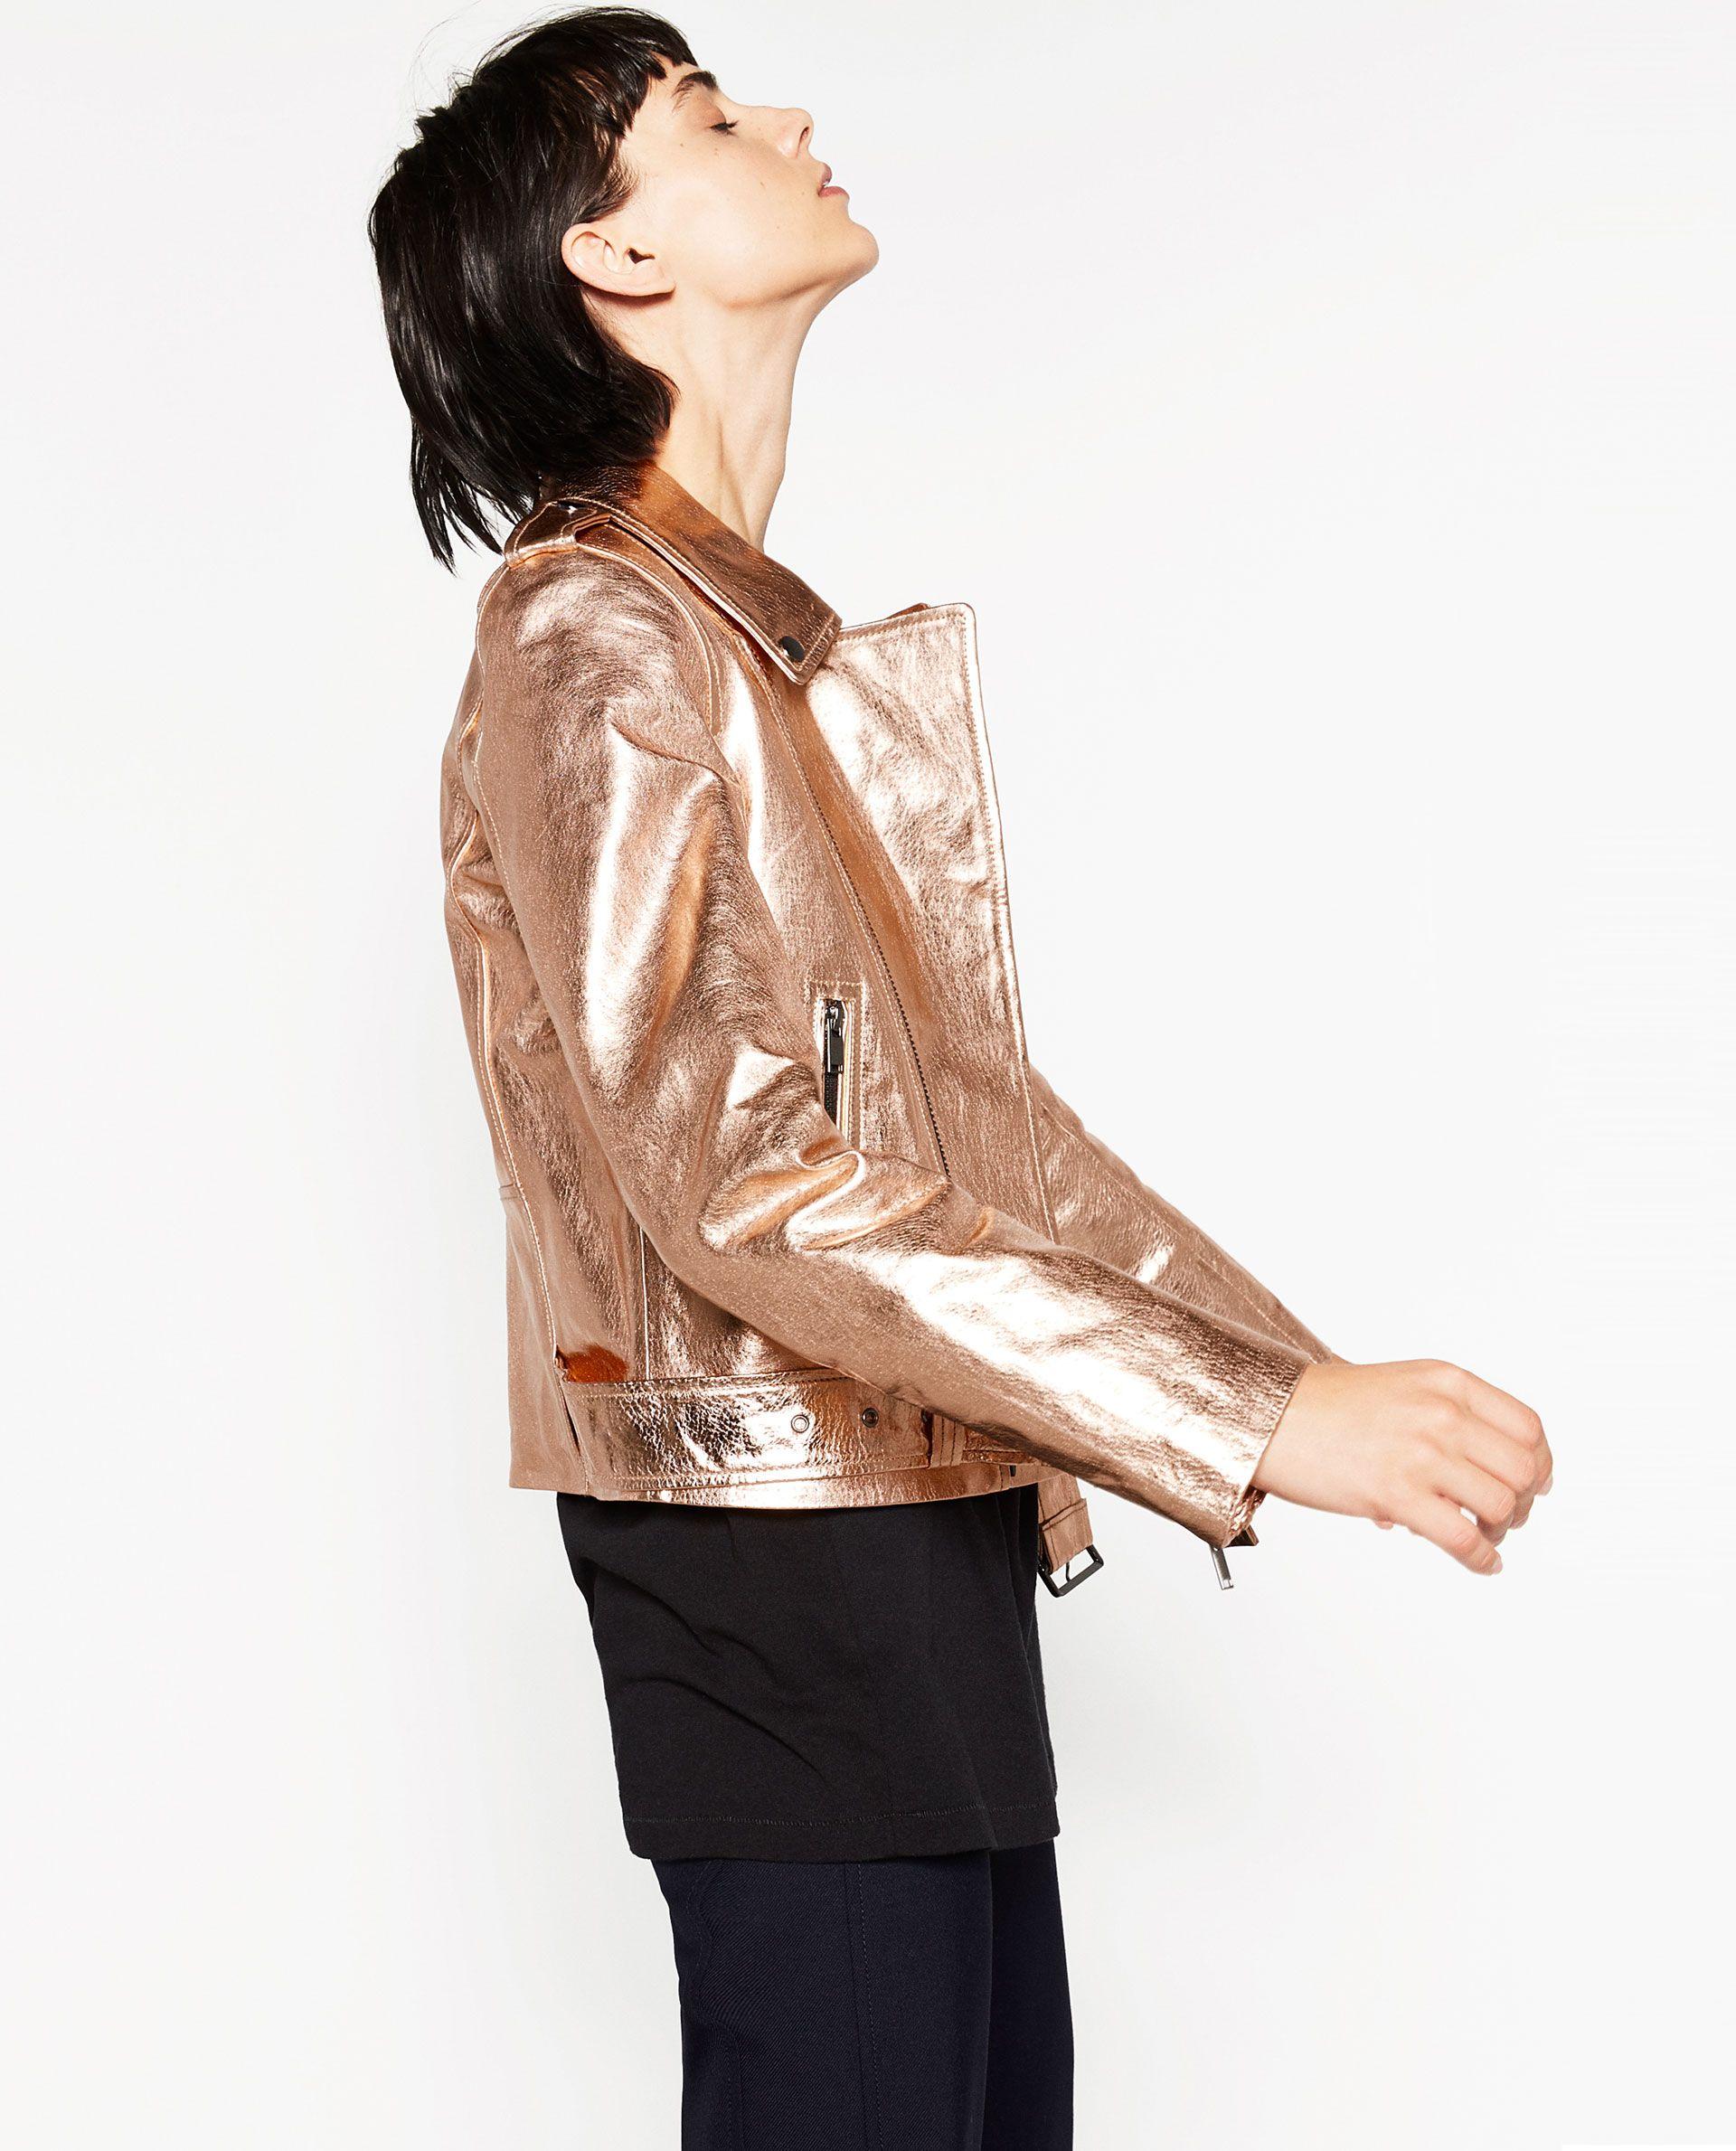 ΔΕΡΜΑΤΙΝΟ ΜΕΤΑΛΛΙΖΕ ΜΠΟΥΦΑΝ Women, Leather jacket, Zara